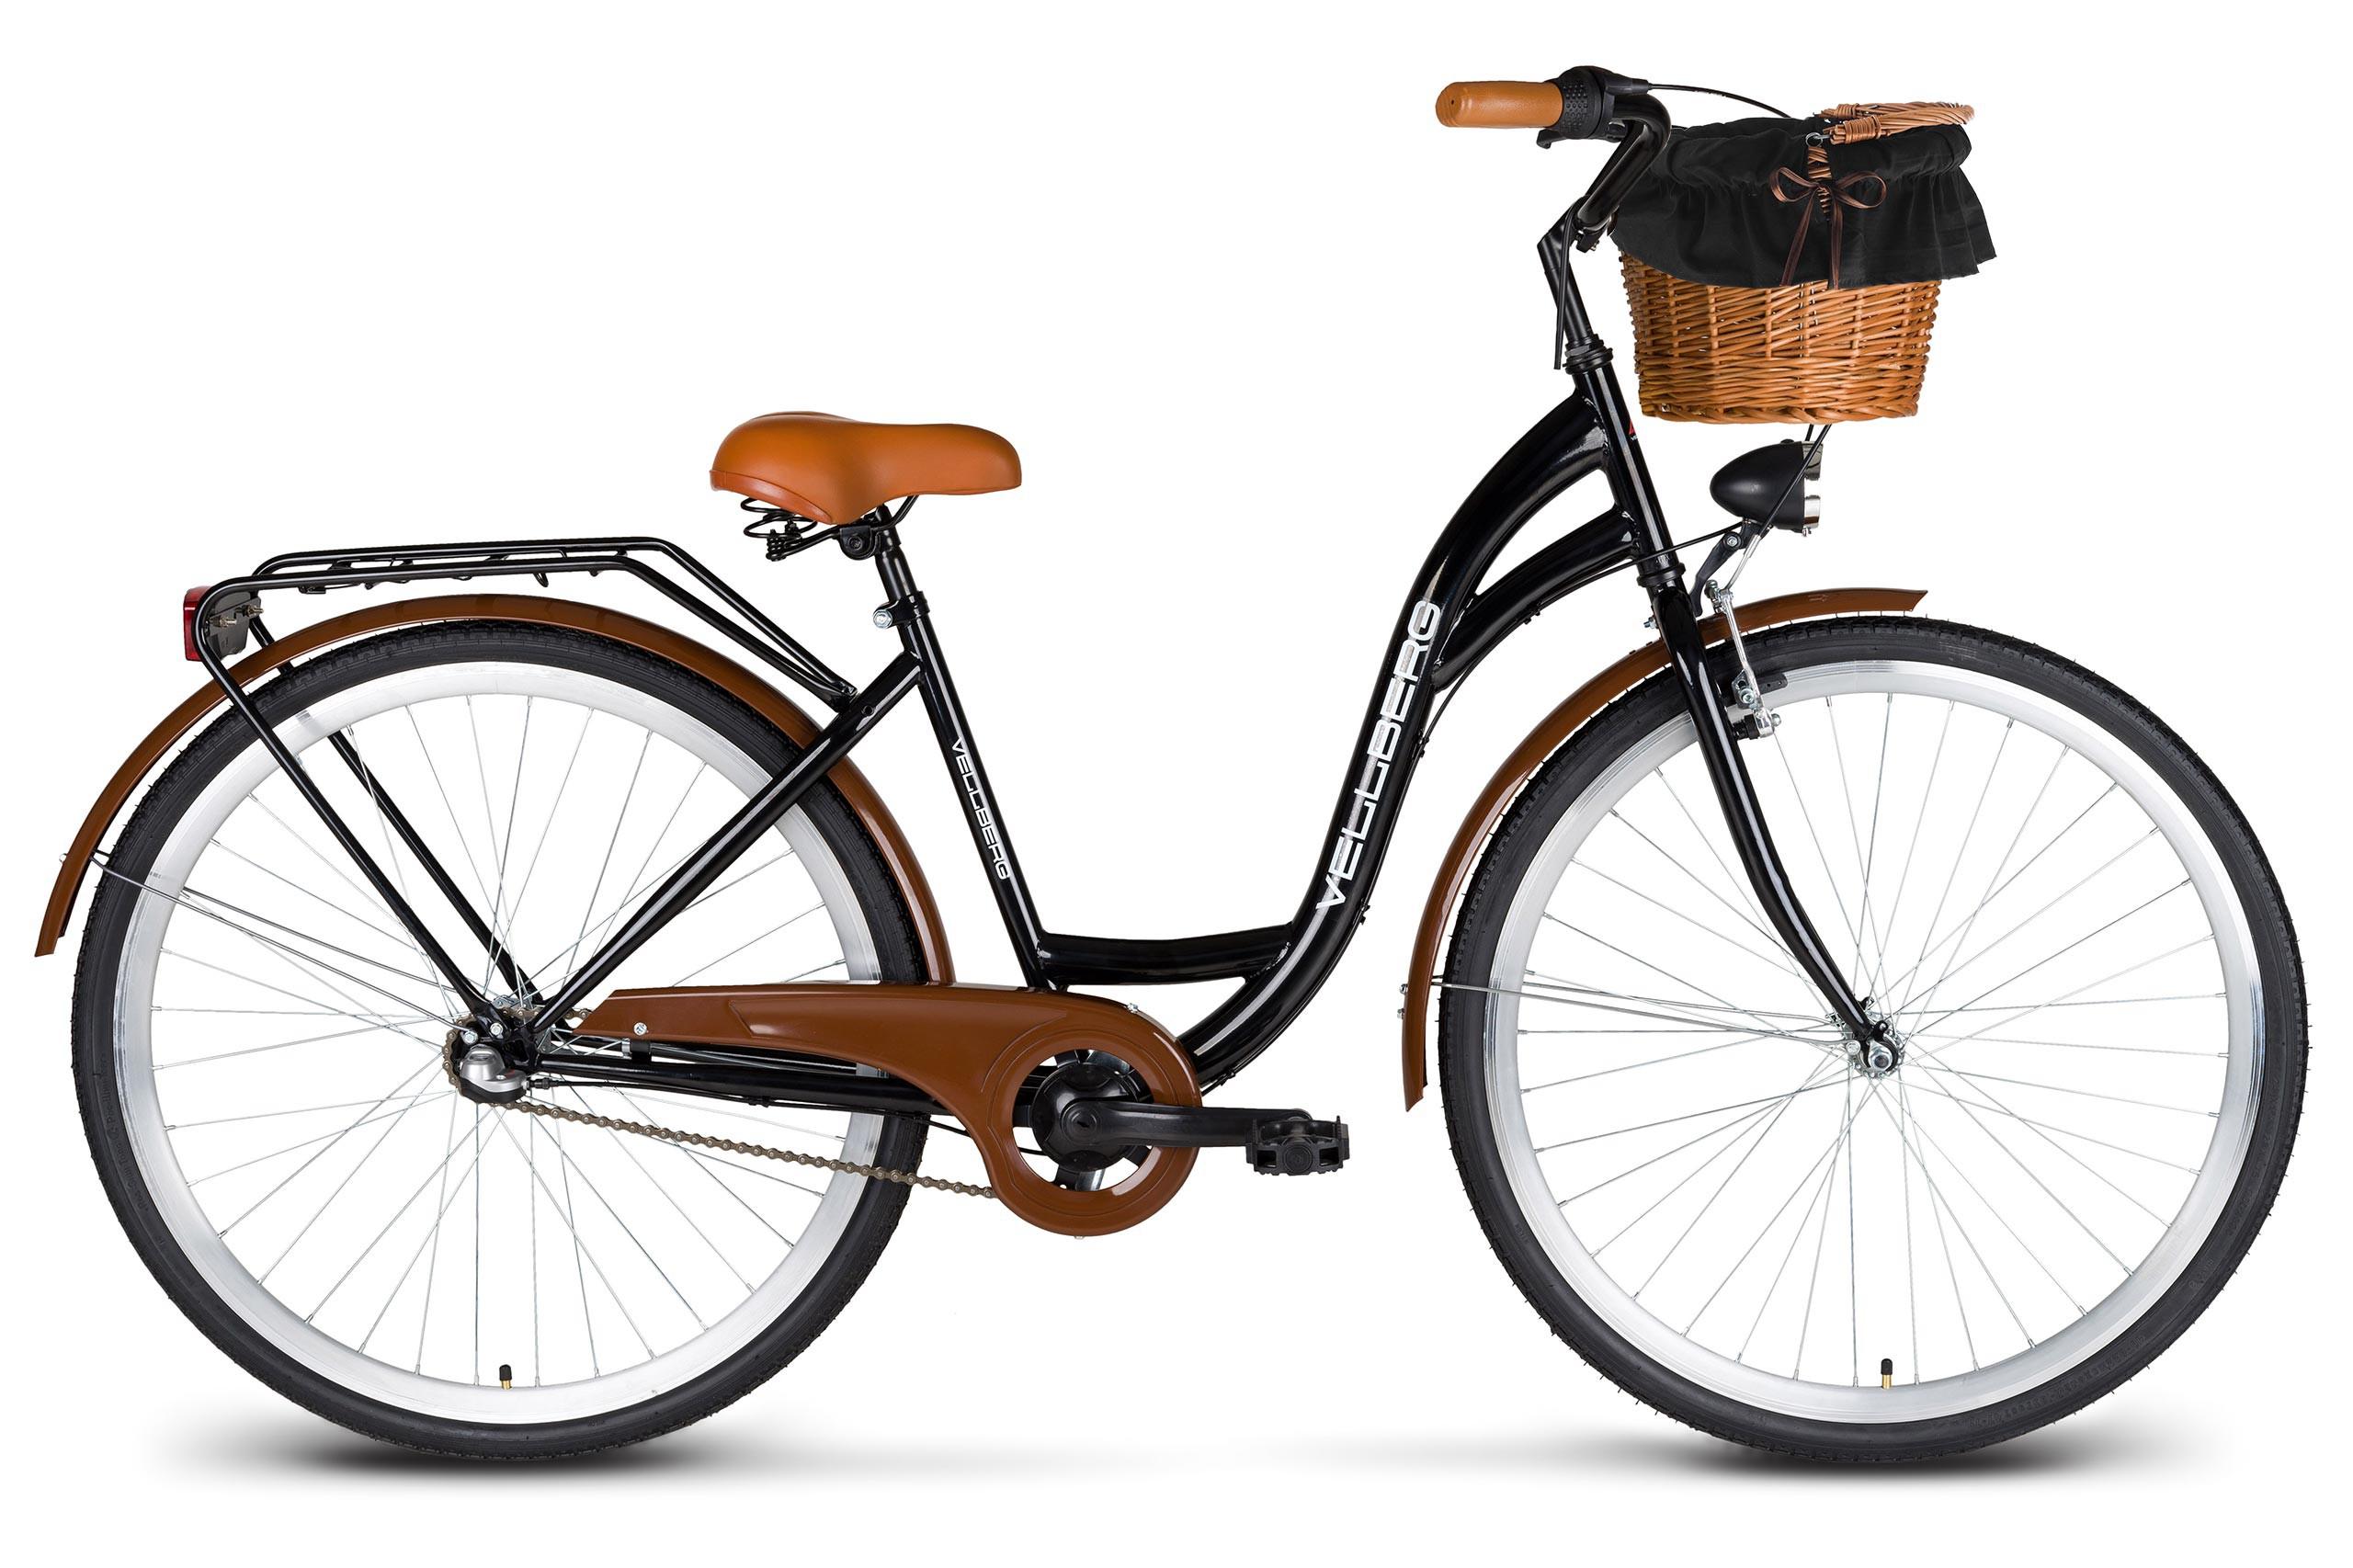 Rower 28 Vellberg Damski 3 Biegi Czarny Koszyk Wiklinowy Rowery M